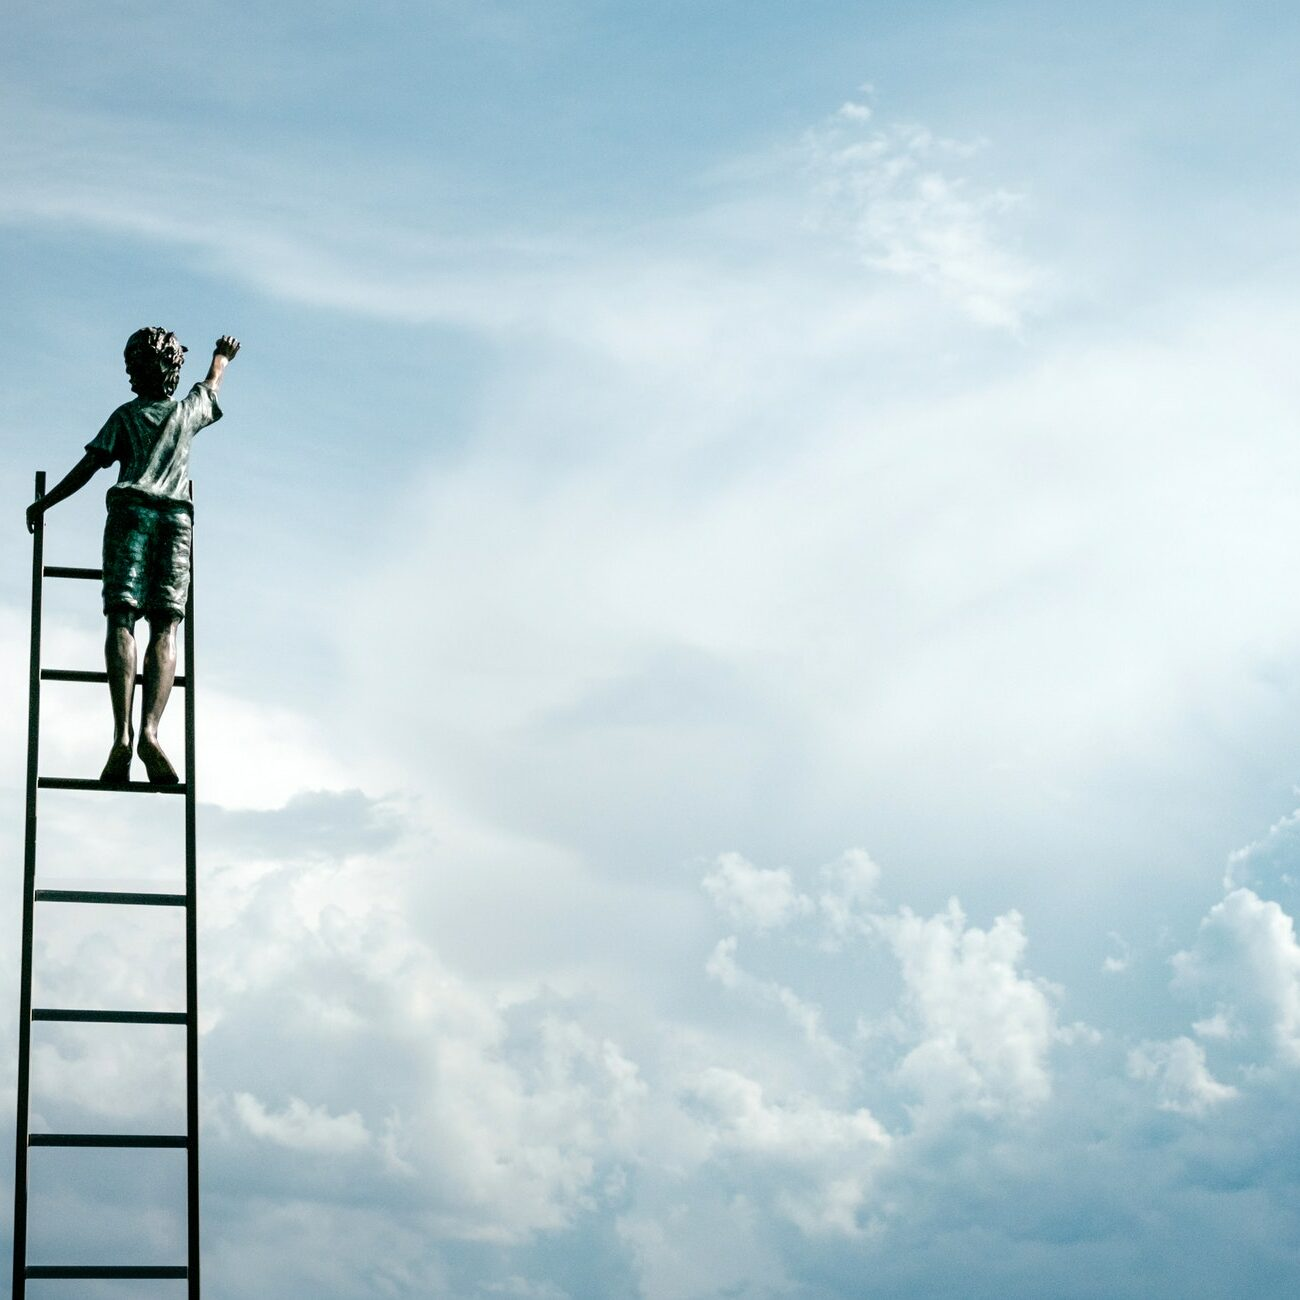 climbtheLadder